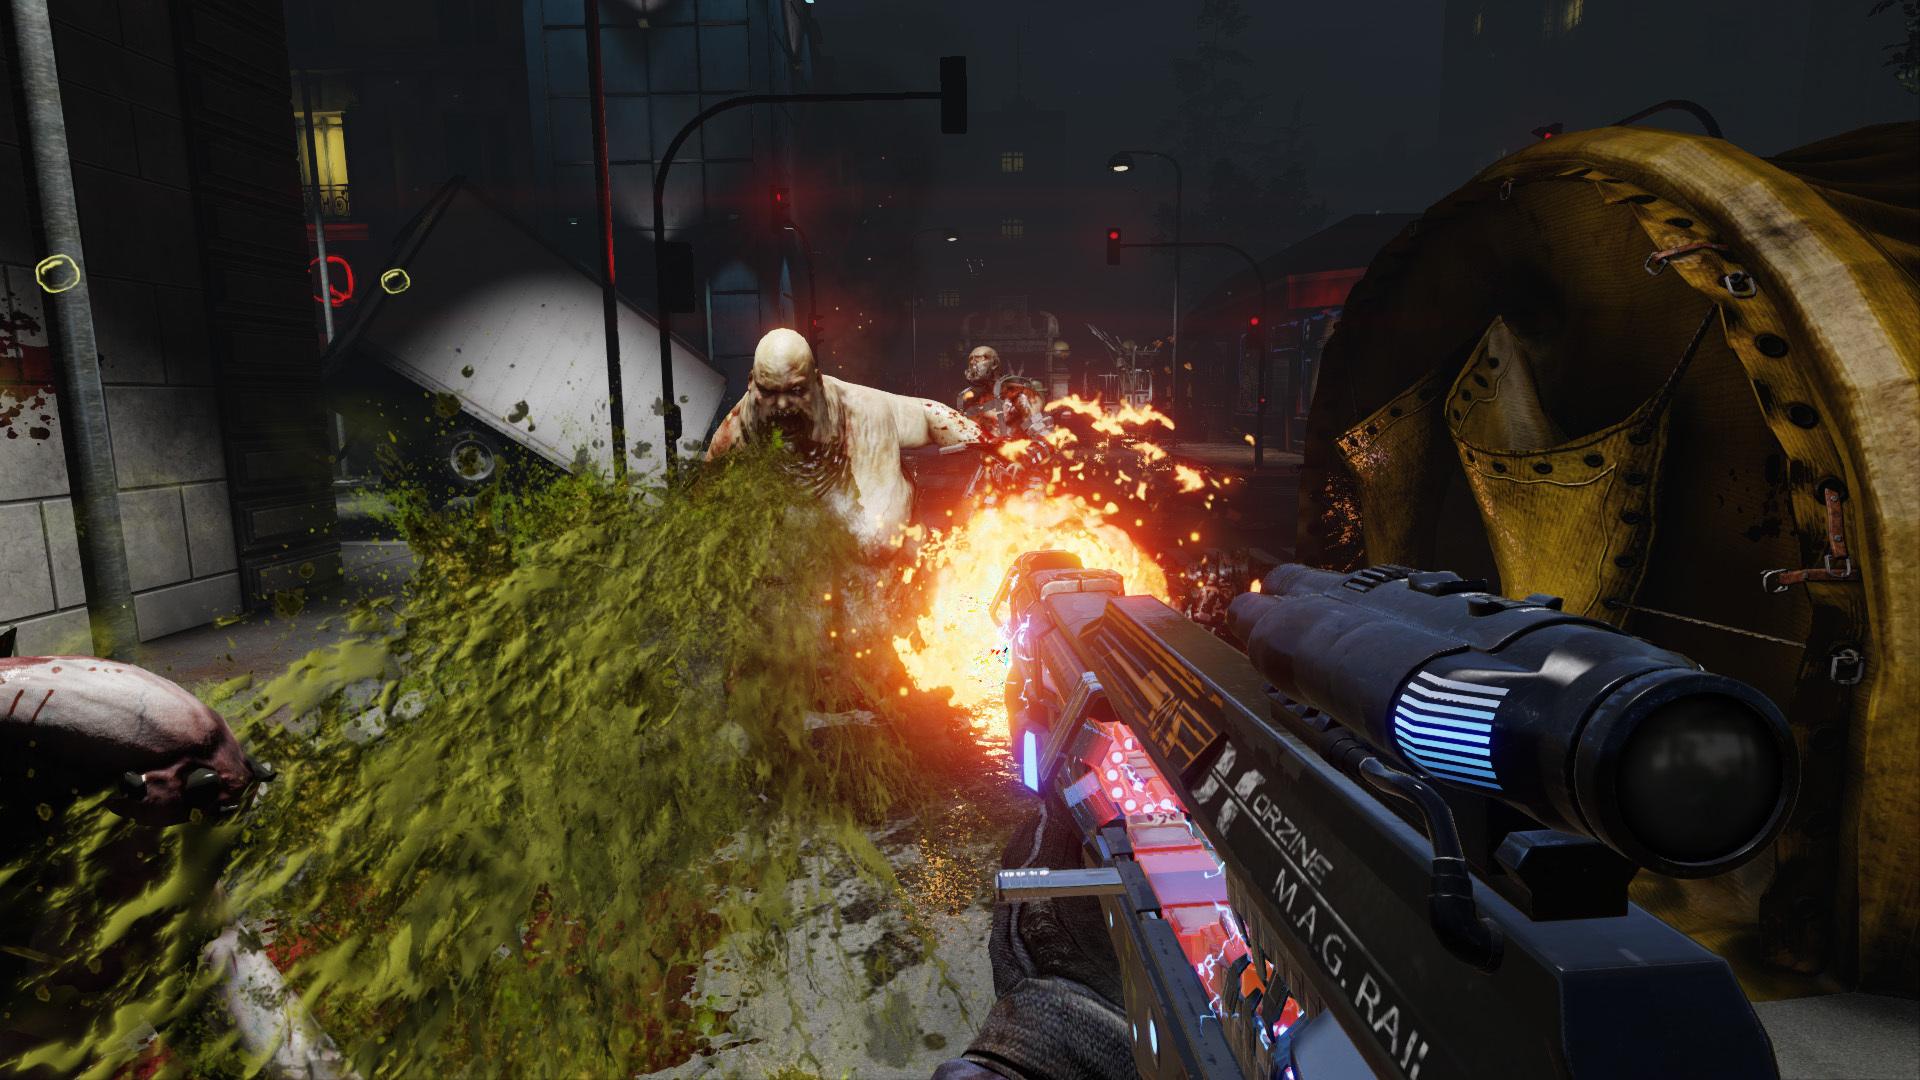 《杀戮空间2》11月登陆PS4与PC